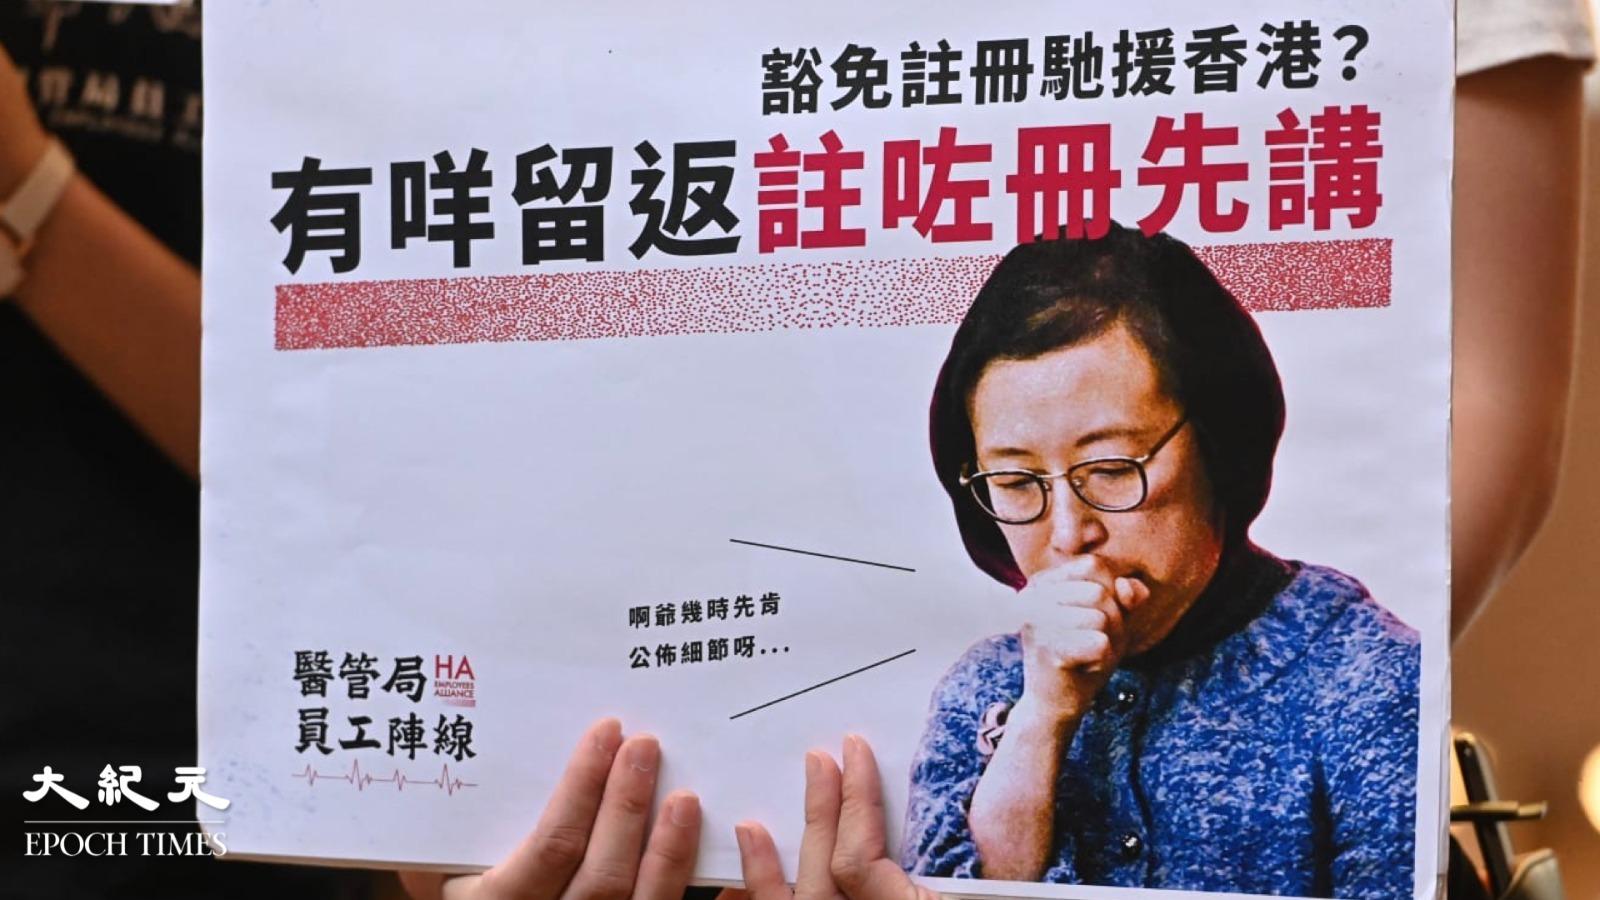 醫管局員工陣線到醫管局大樓表示抗議,並要求高拔陞公開交代抗疫問題,如無視中國「核酸檢測隊」豁免註冊等。(宋碧龍/大紀元)